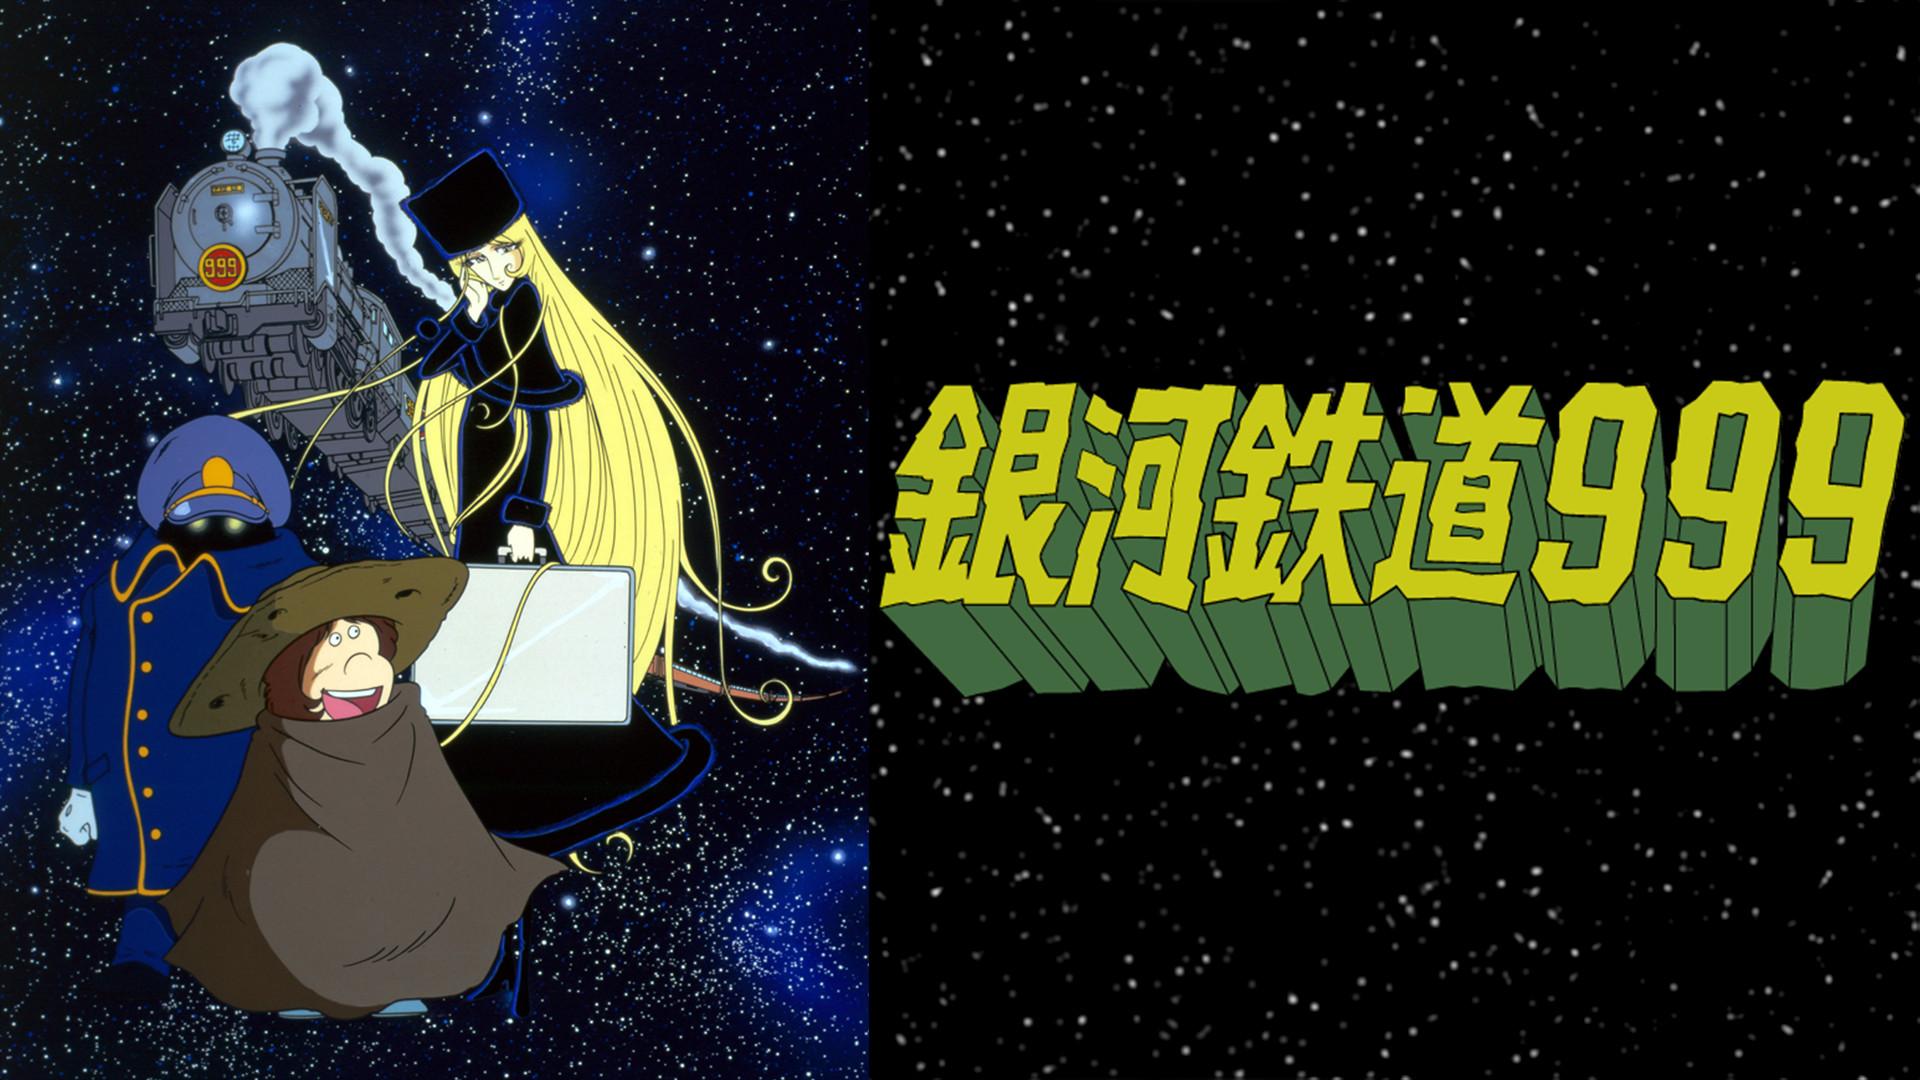 銀河鉄道999 出発篇 | アニメ動画見放題 | dアニメストア